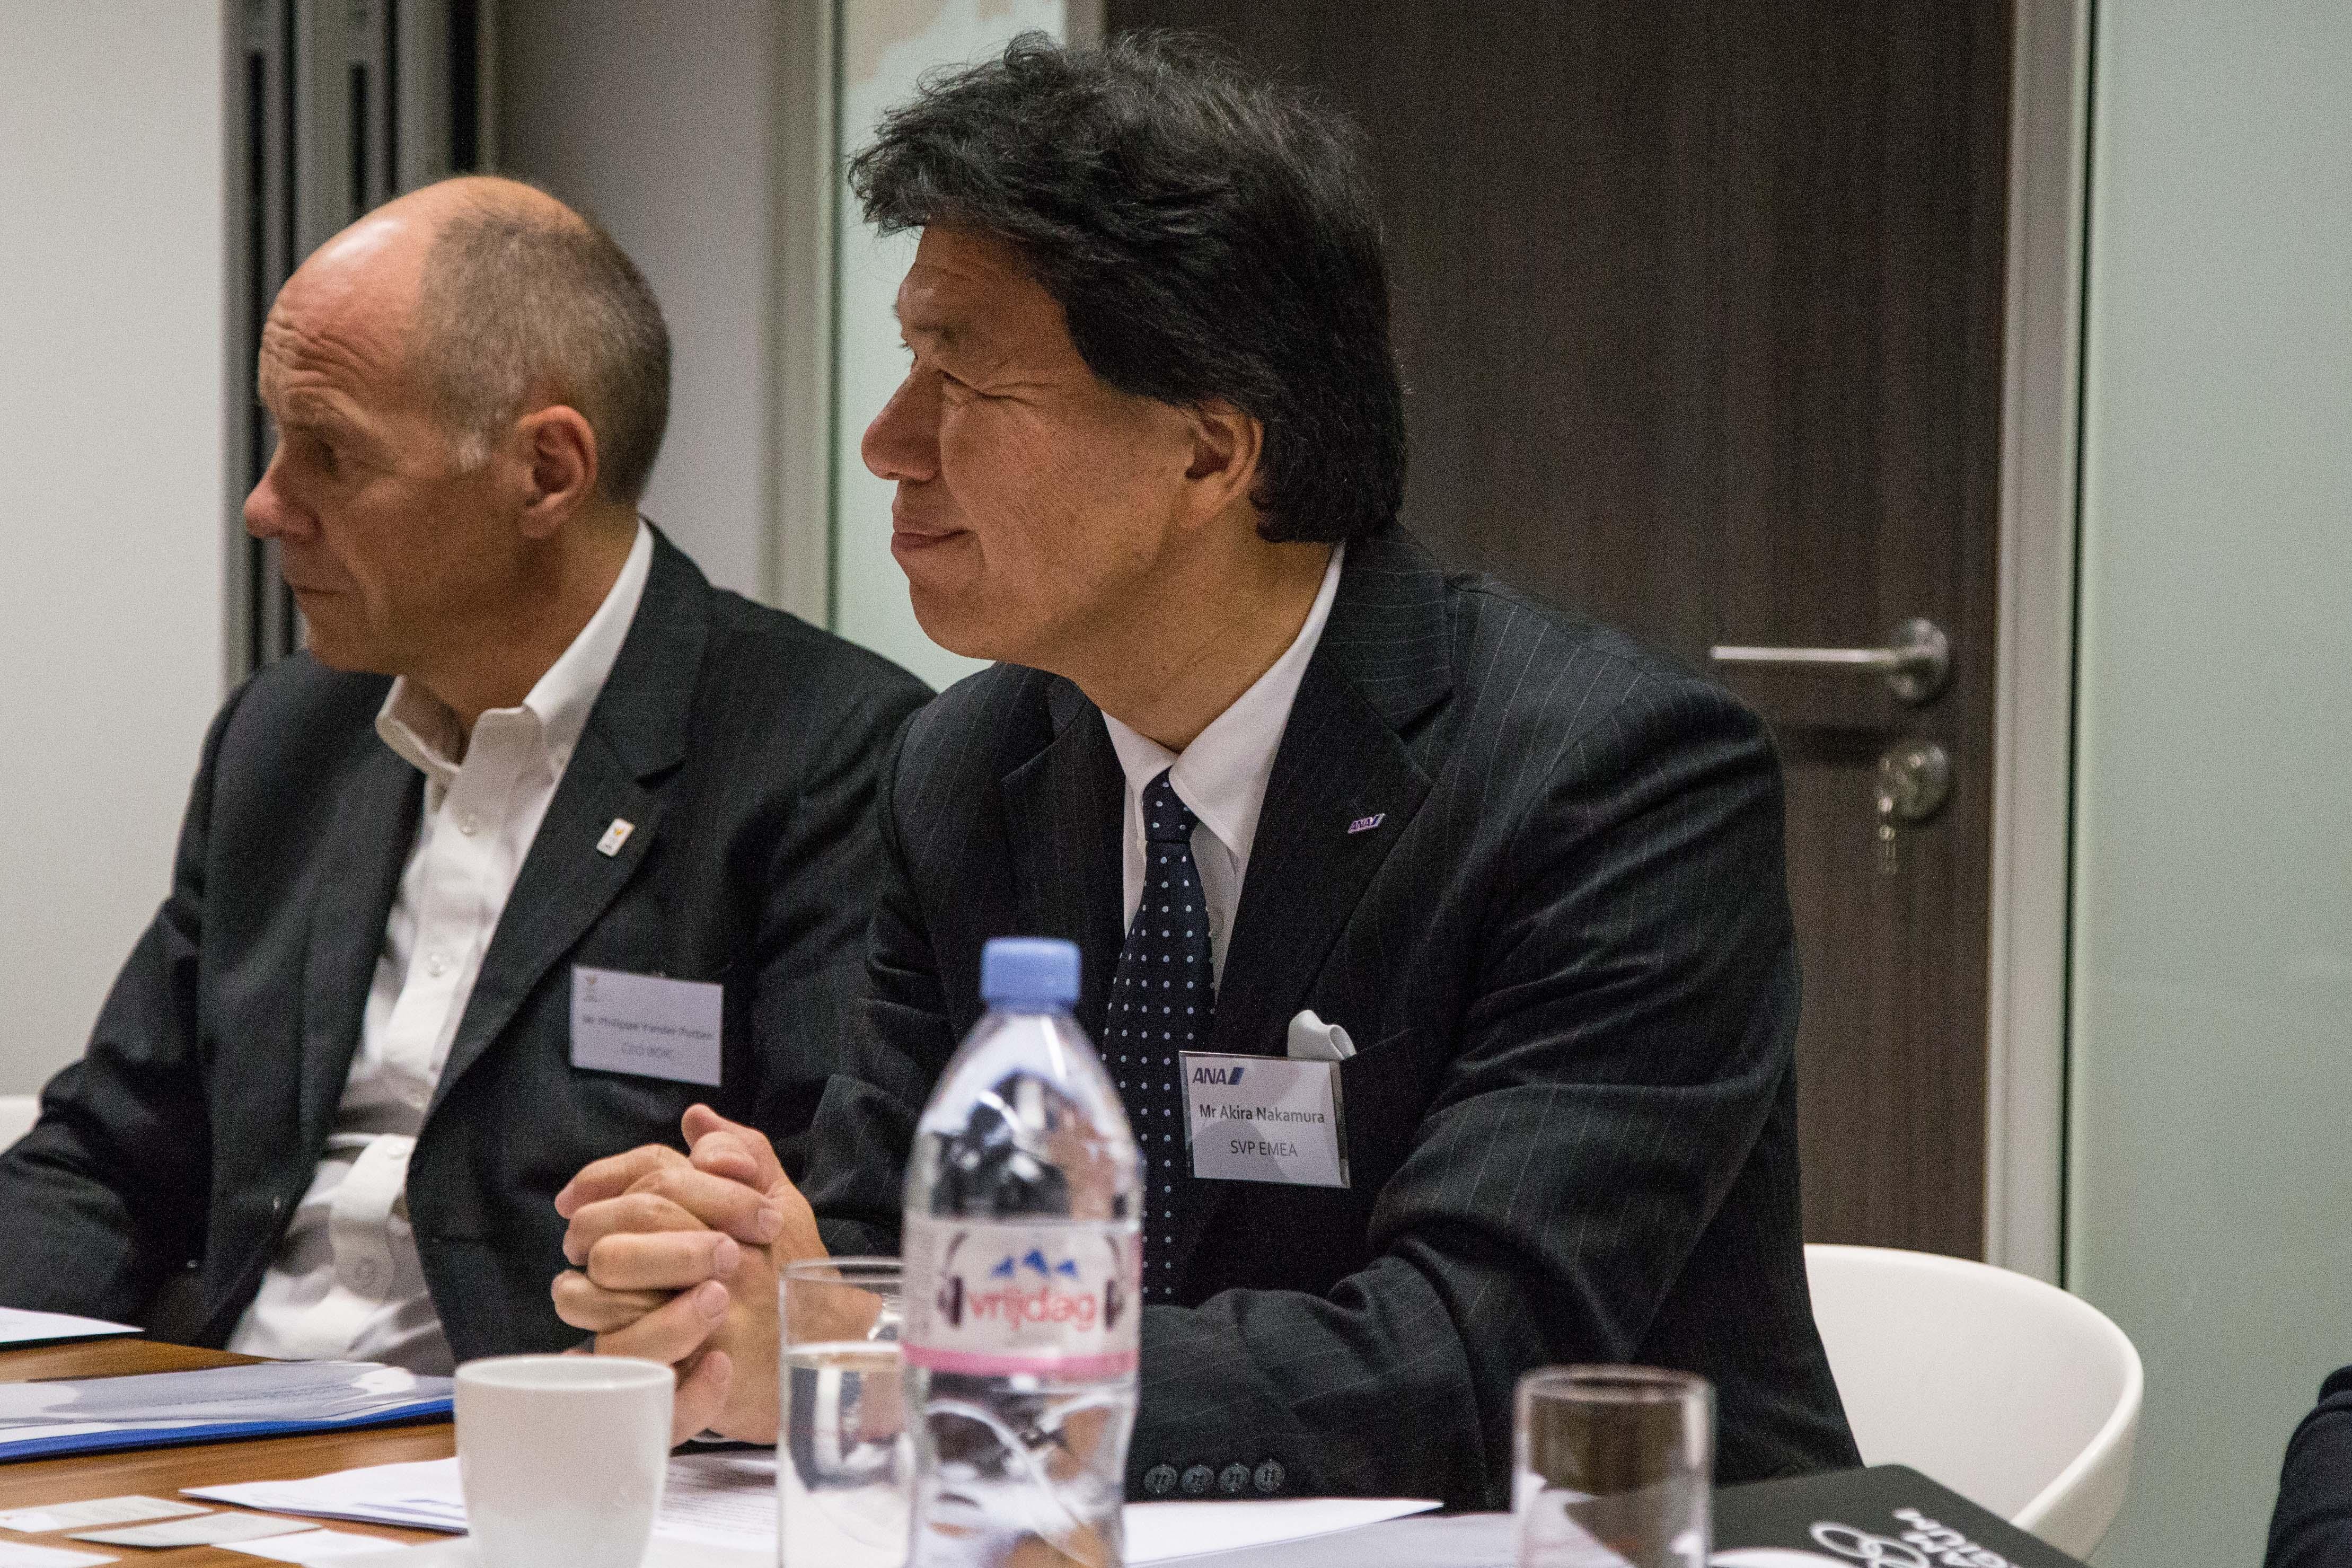 Philippe Vander Putten and Akira Nakamura